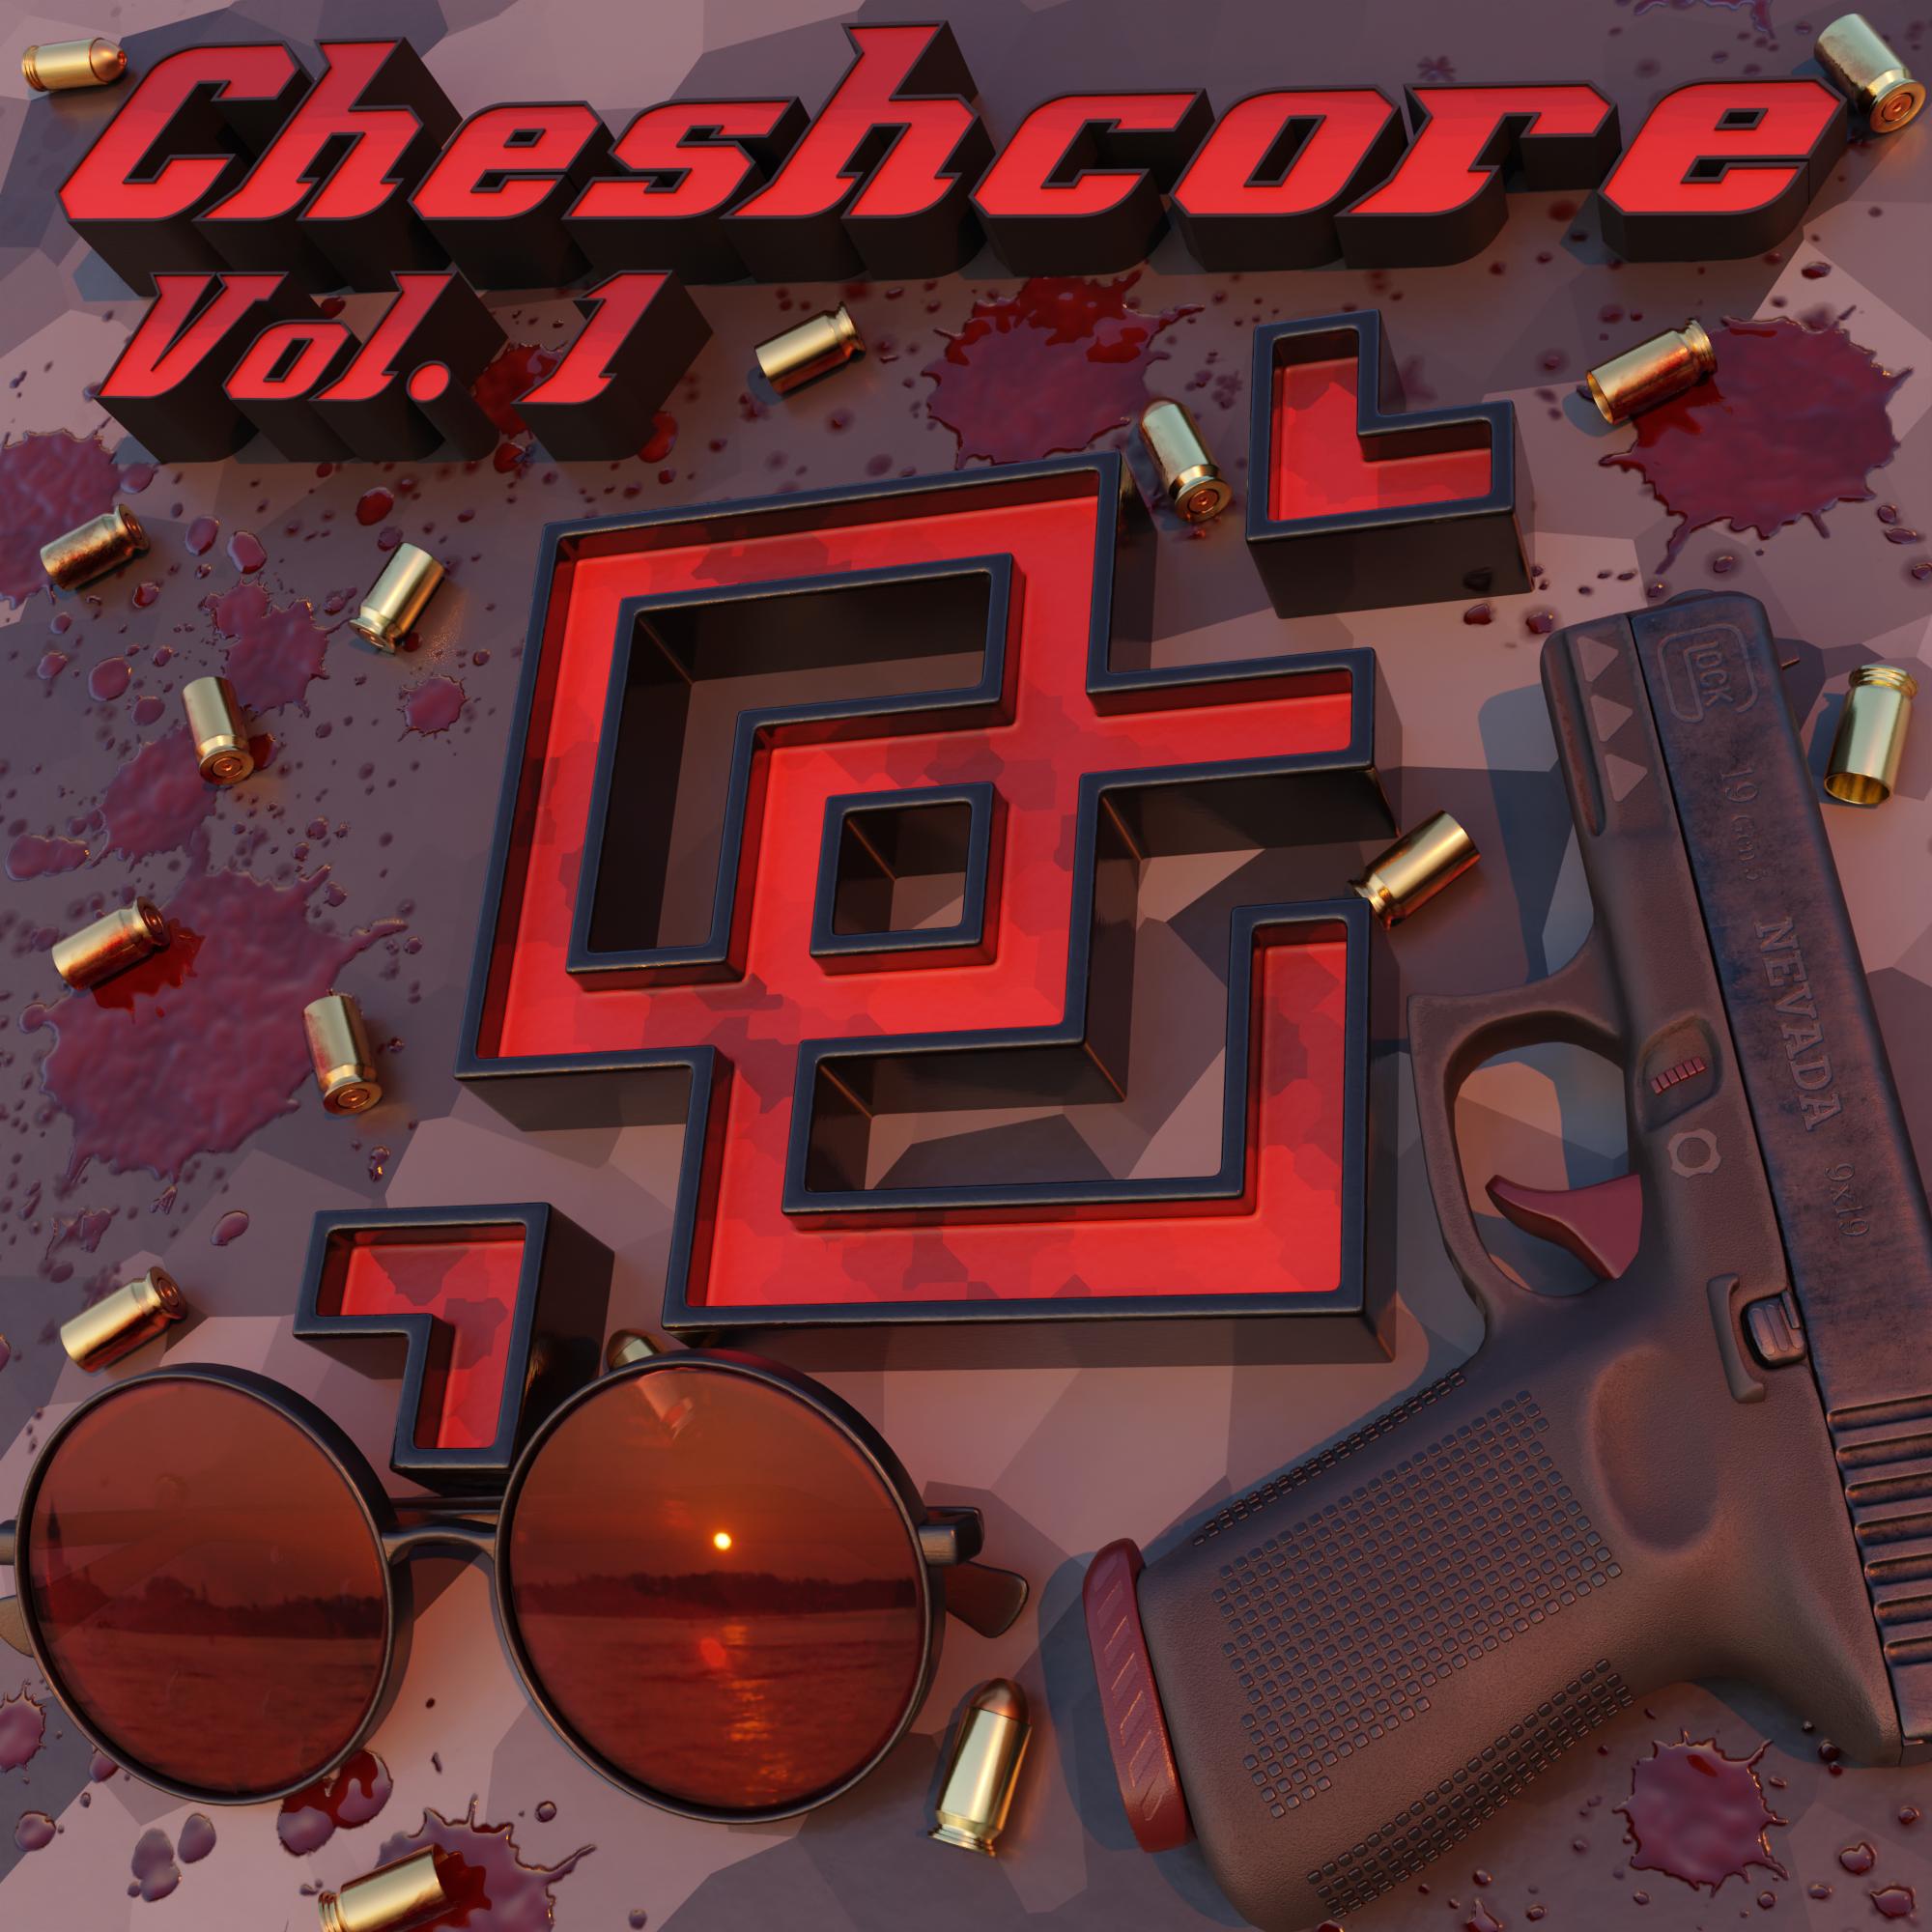 Cheshcore Vol.1